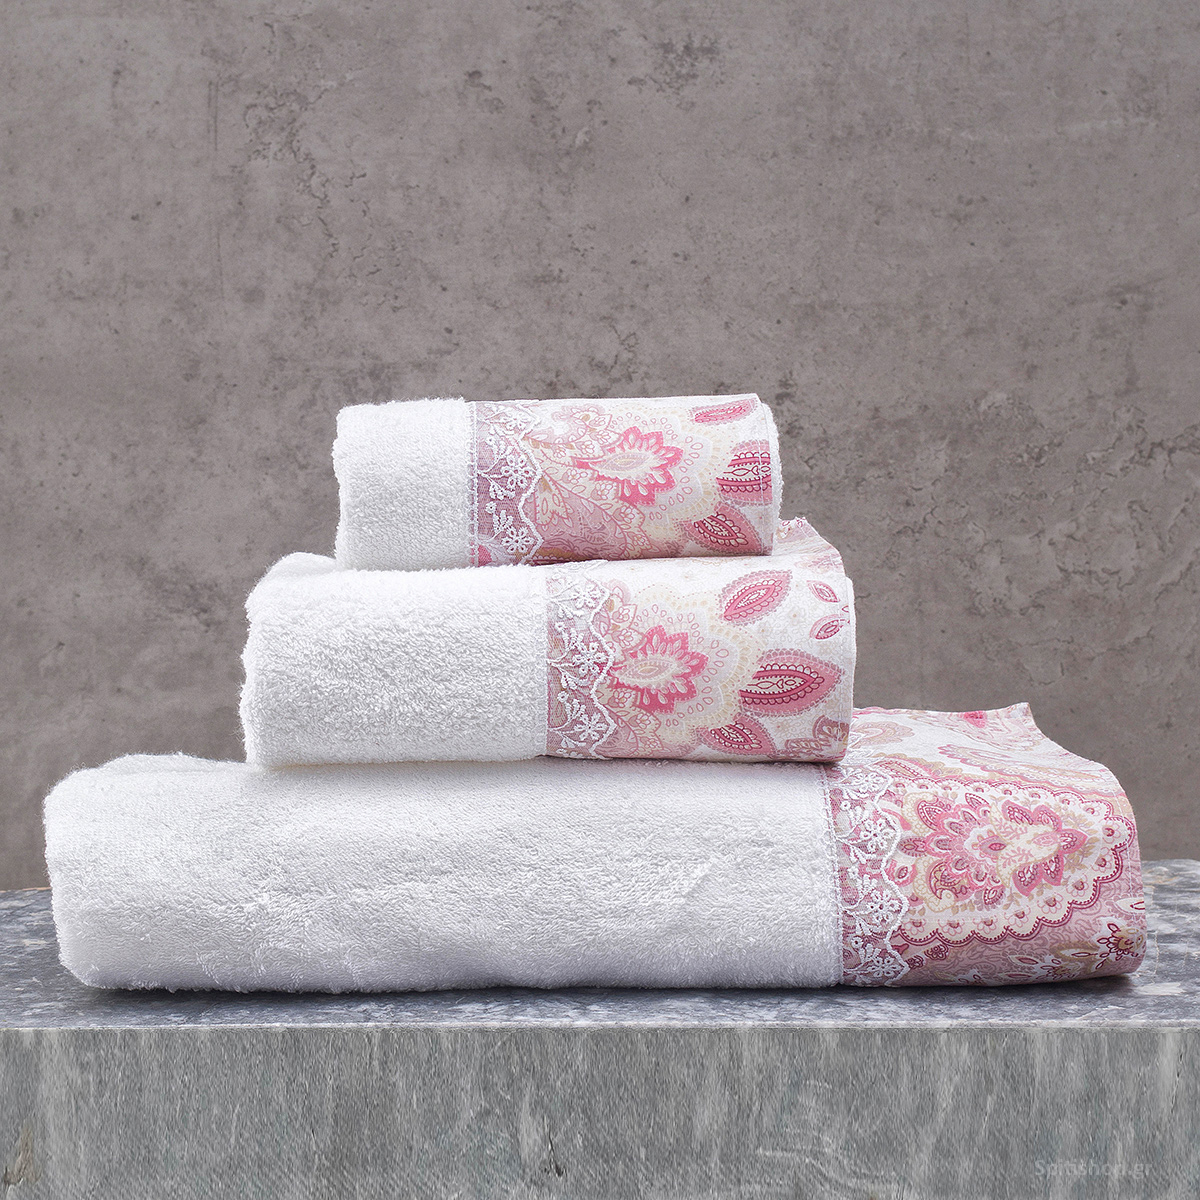 Πετσέτες Μπάνιου (Σετ 3τμχ) Rythmos Cassia White/Pink ΣΥΣΚΕΥΑΣΙΑ ΣΑΚΟΥΛΑ ΣΥΣΚΕΥΑΣΙΑ ΣΑΚΟΥΛΑ